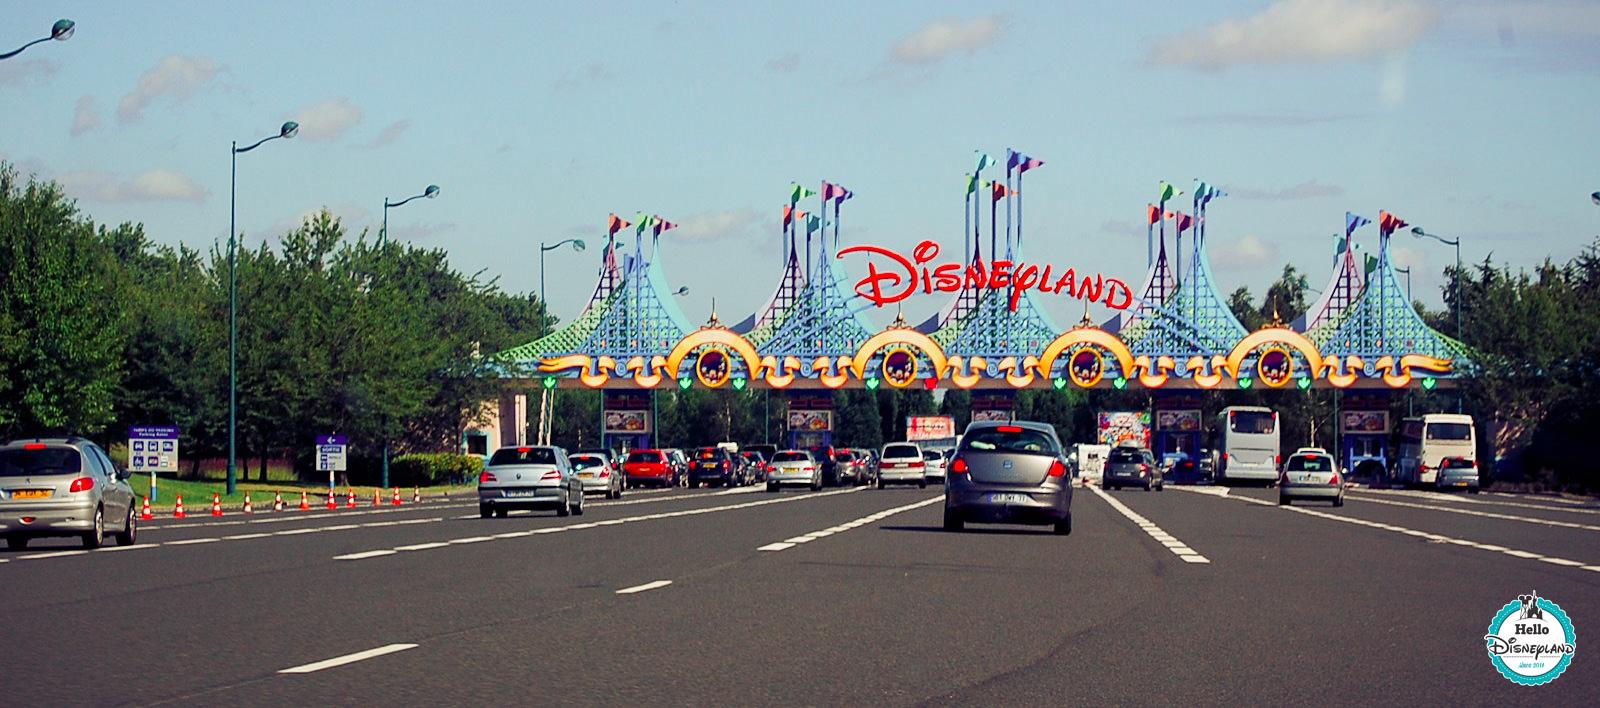 Budget voiture Disneyland Paris